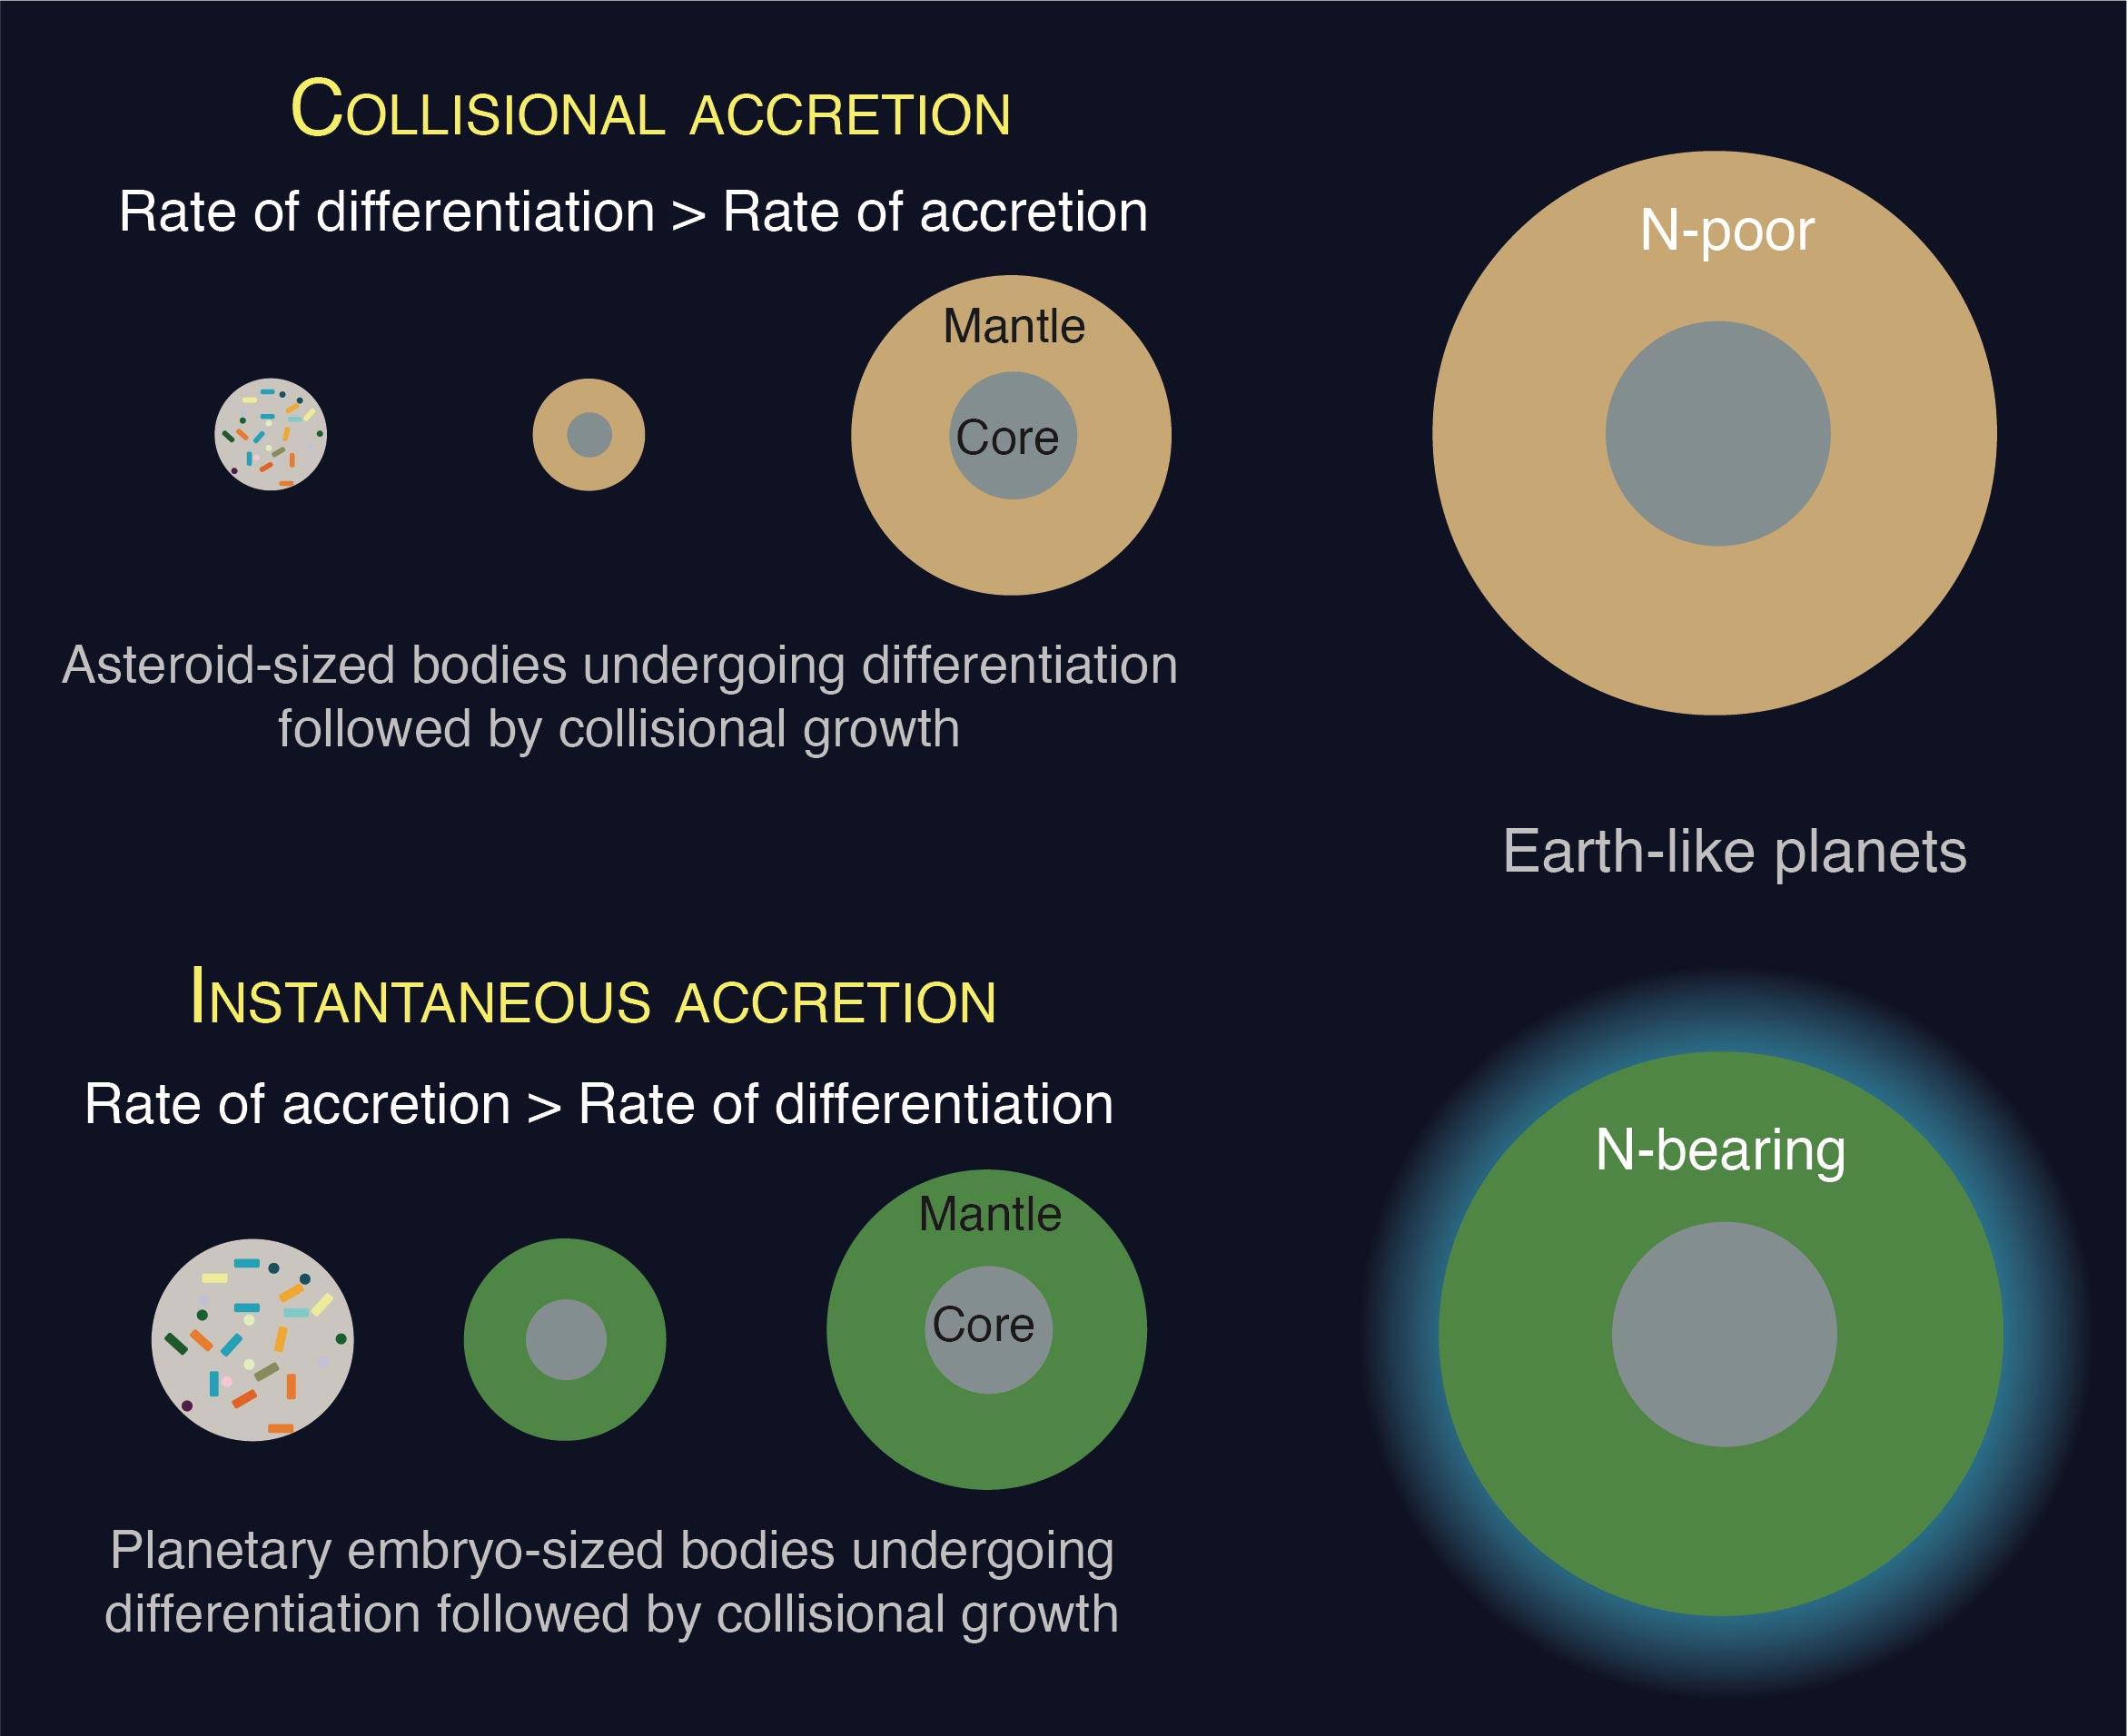 行星上的生命前景不仅取决于它在哪里形成 还取决于如何形成